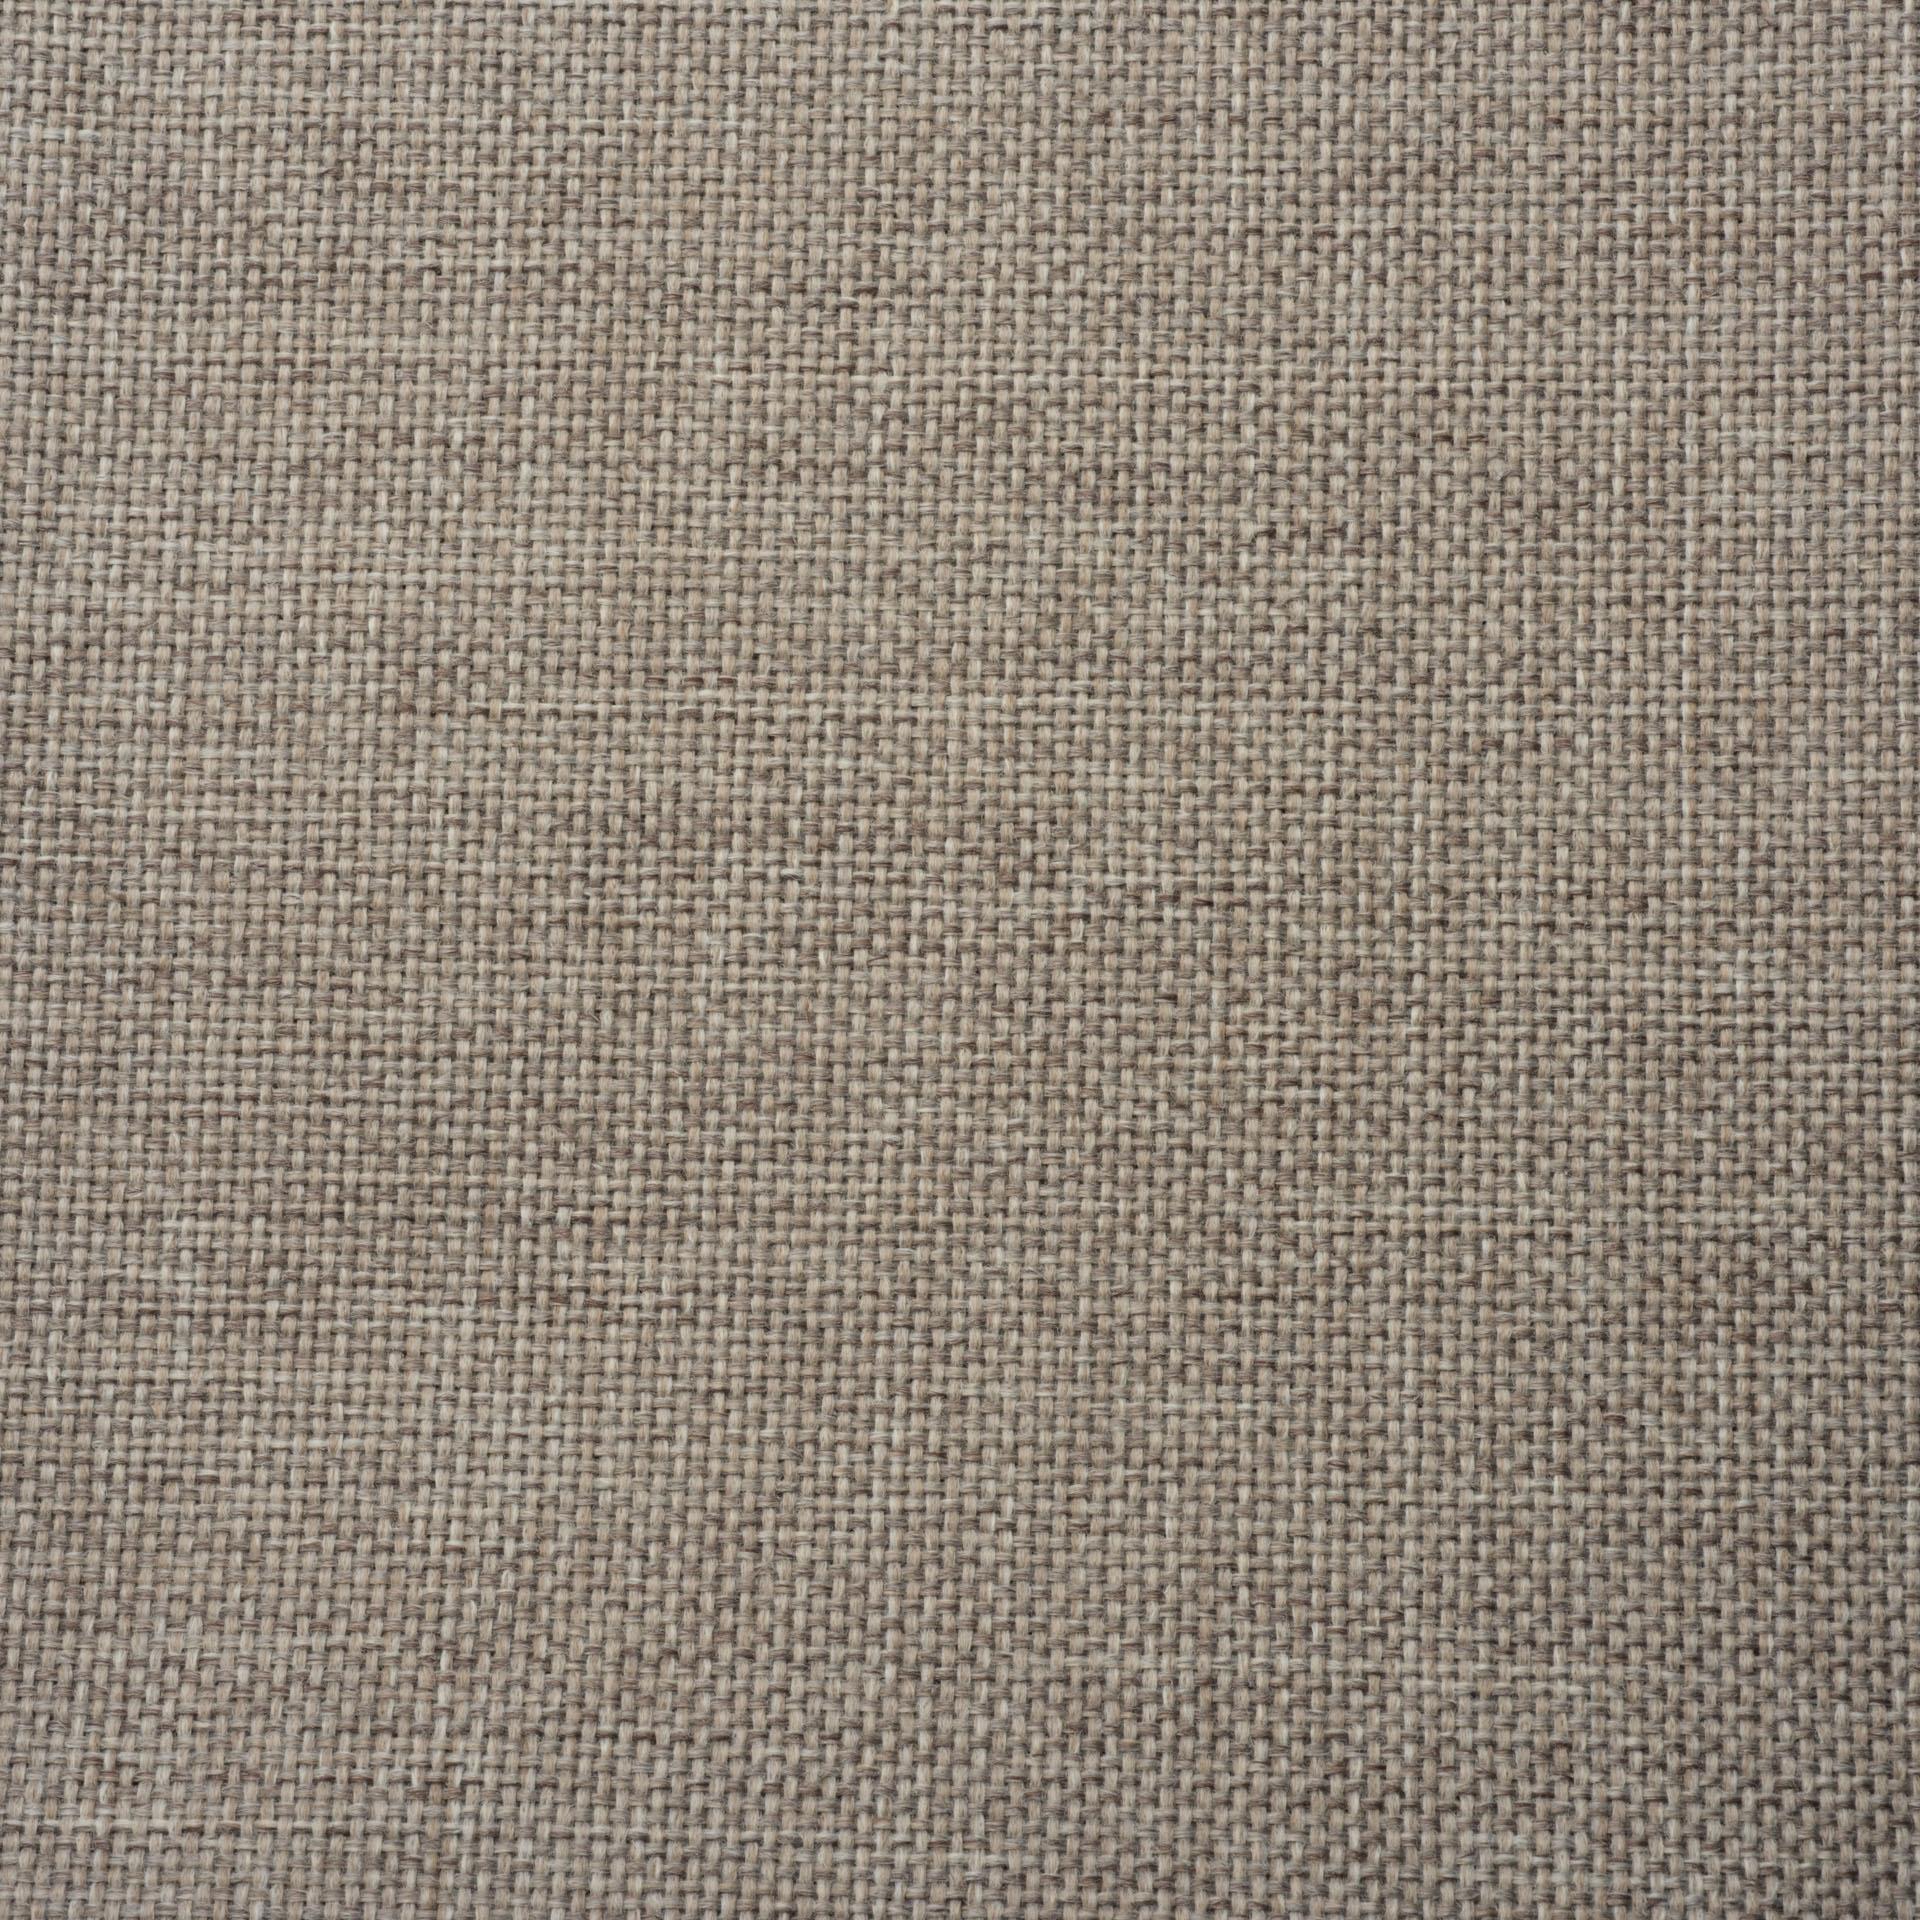 Коллекция ткани Инарис 26,  купить ткань Рогожка для мебели Украина